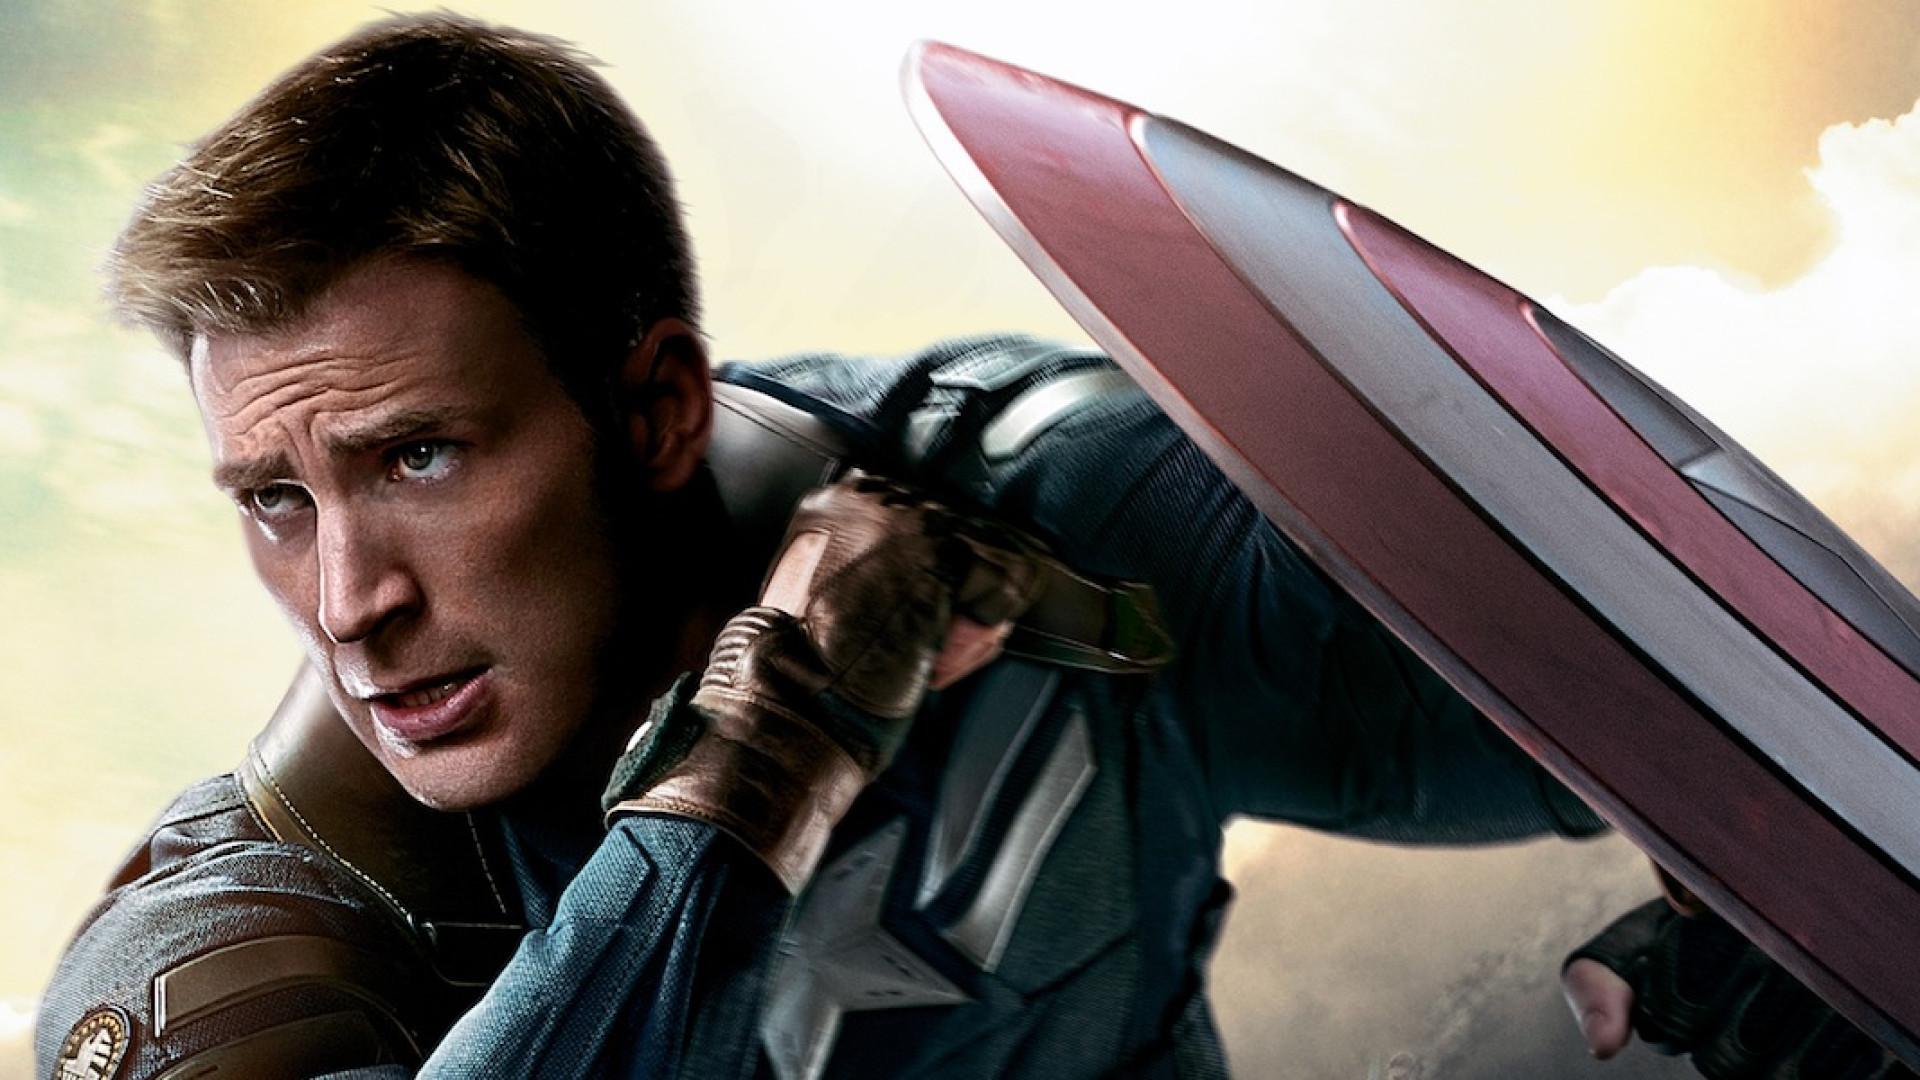 Chris Evans confirma que vai deixar universo da Marvel após Vingadores 4